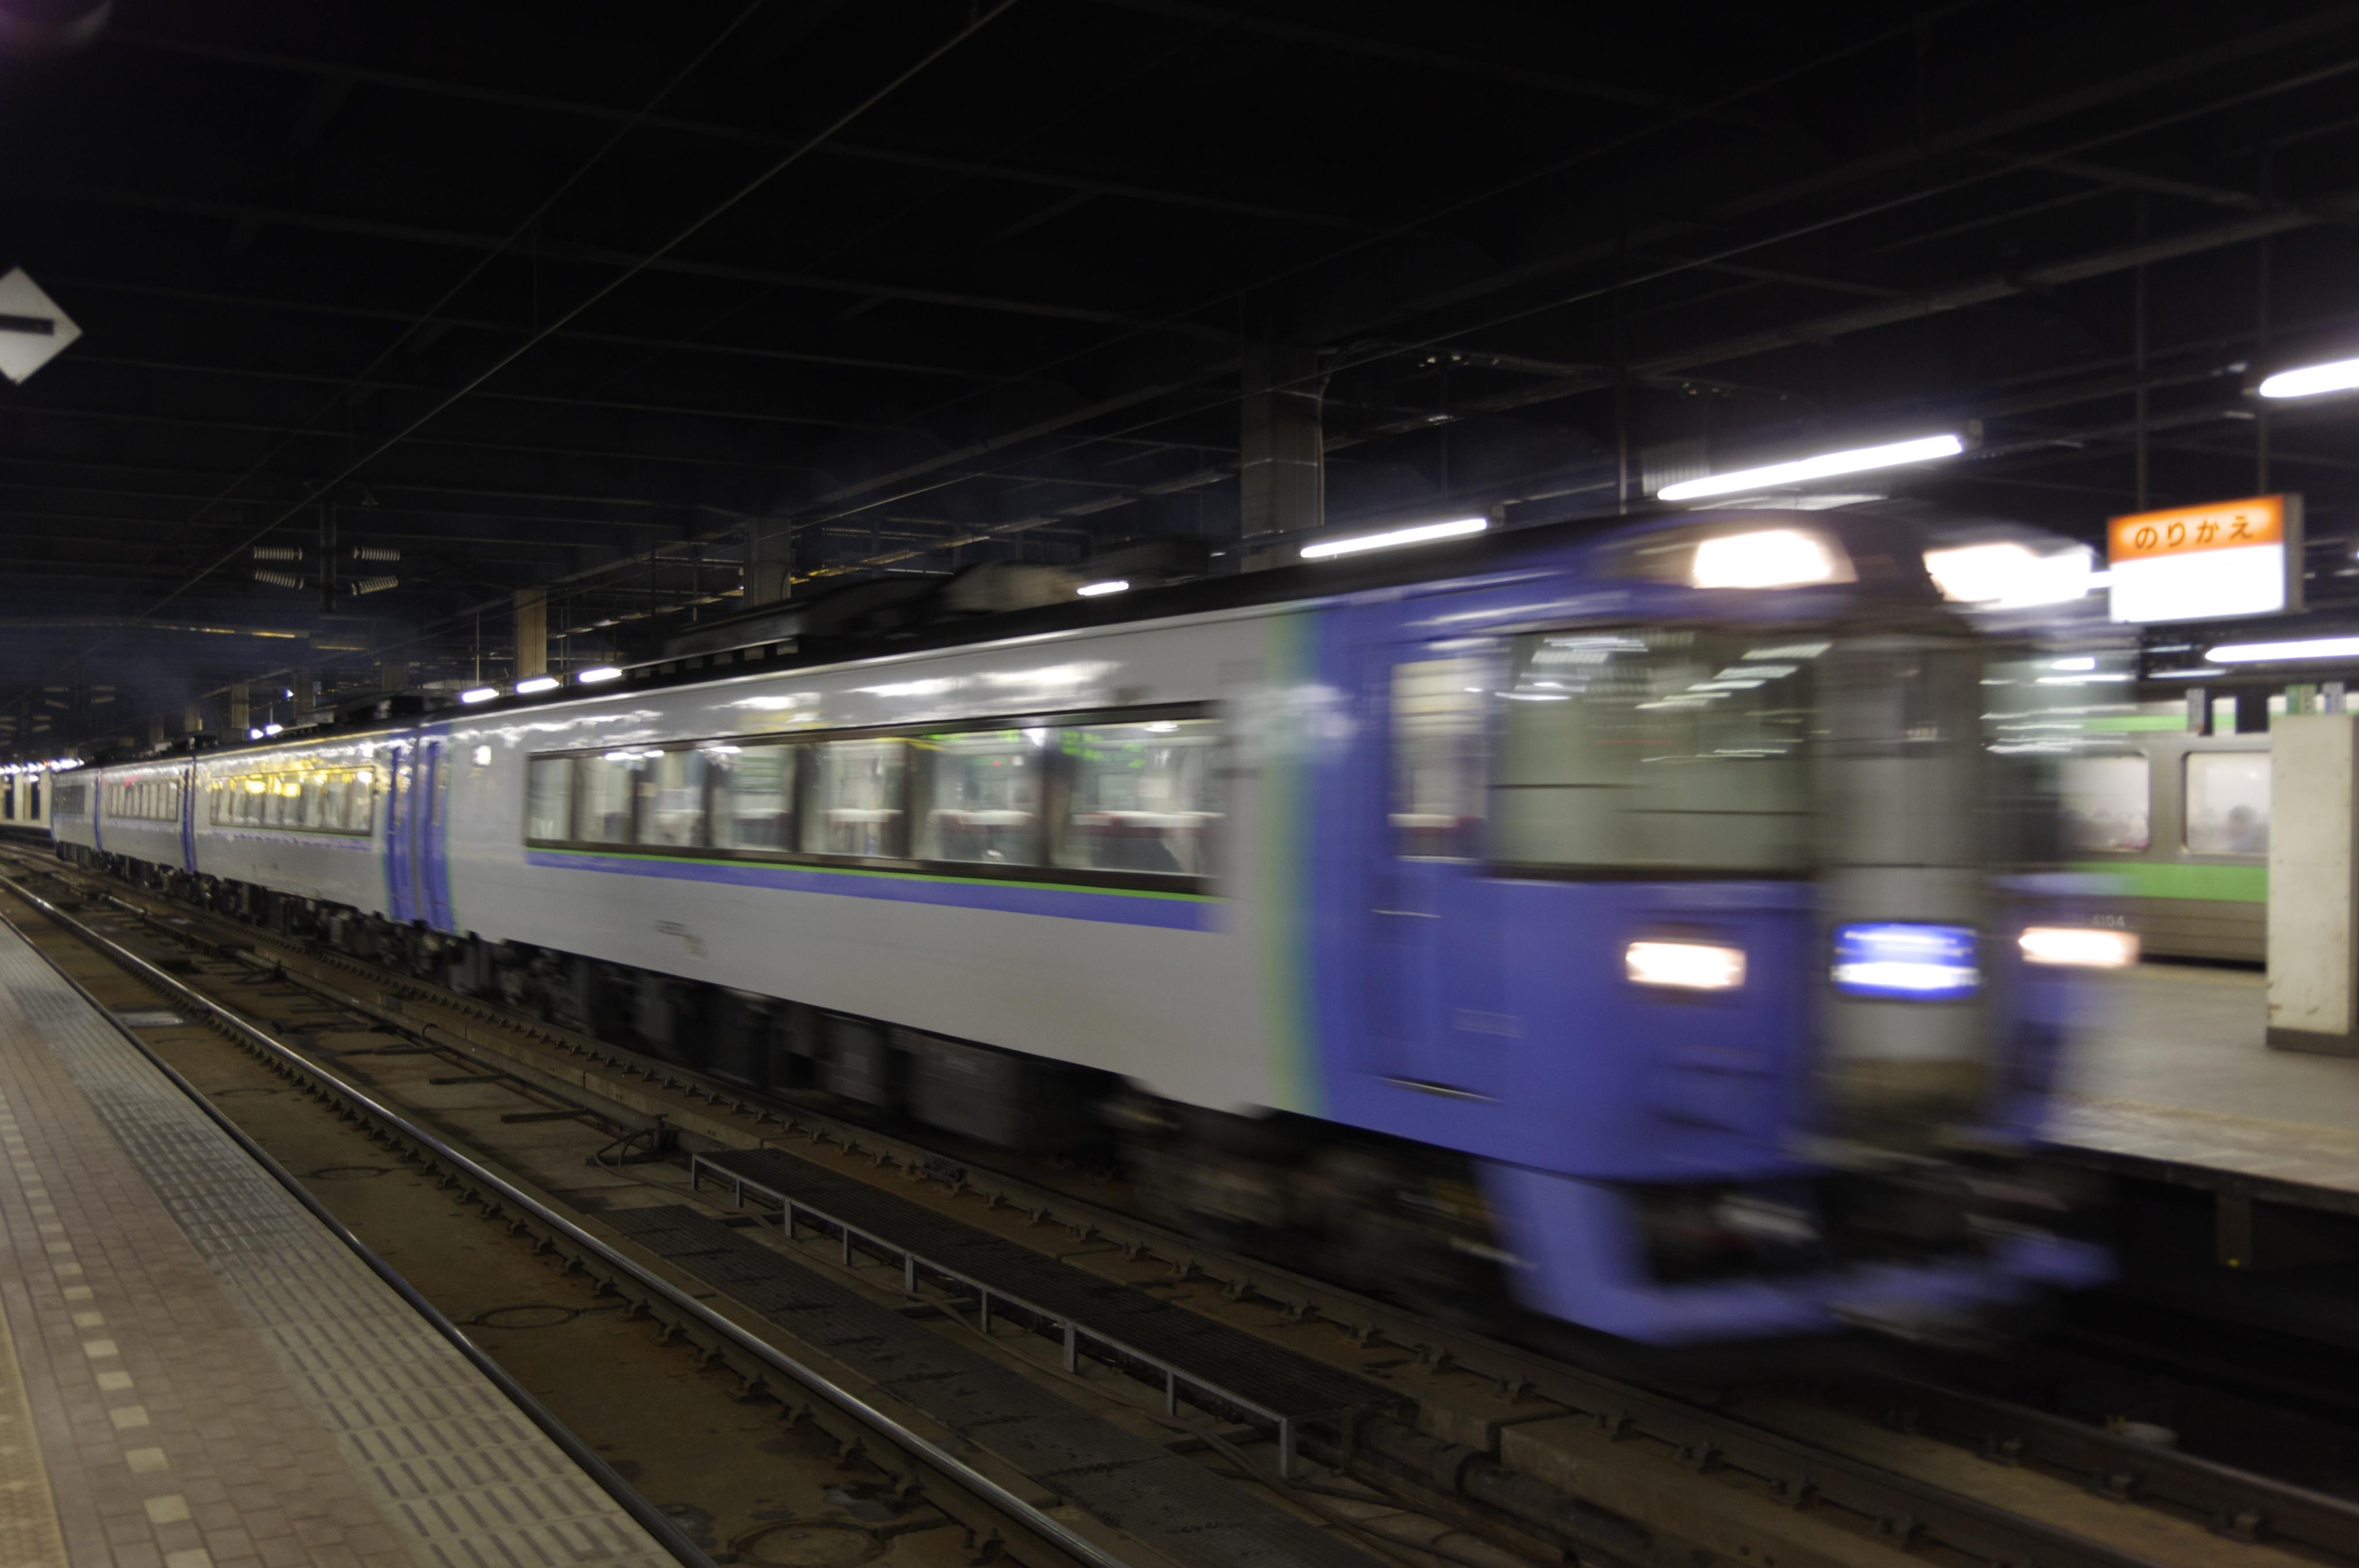 札幌駅 キハ183系特急北斗95号_180506 (4).jpg